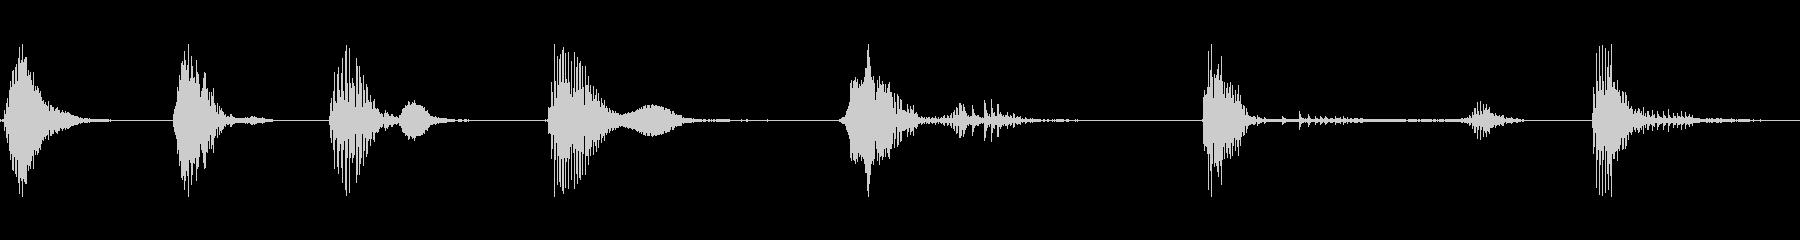 ドアウッドクリークショートx7の未再生の波形